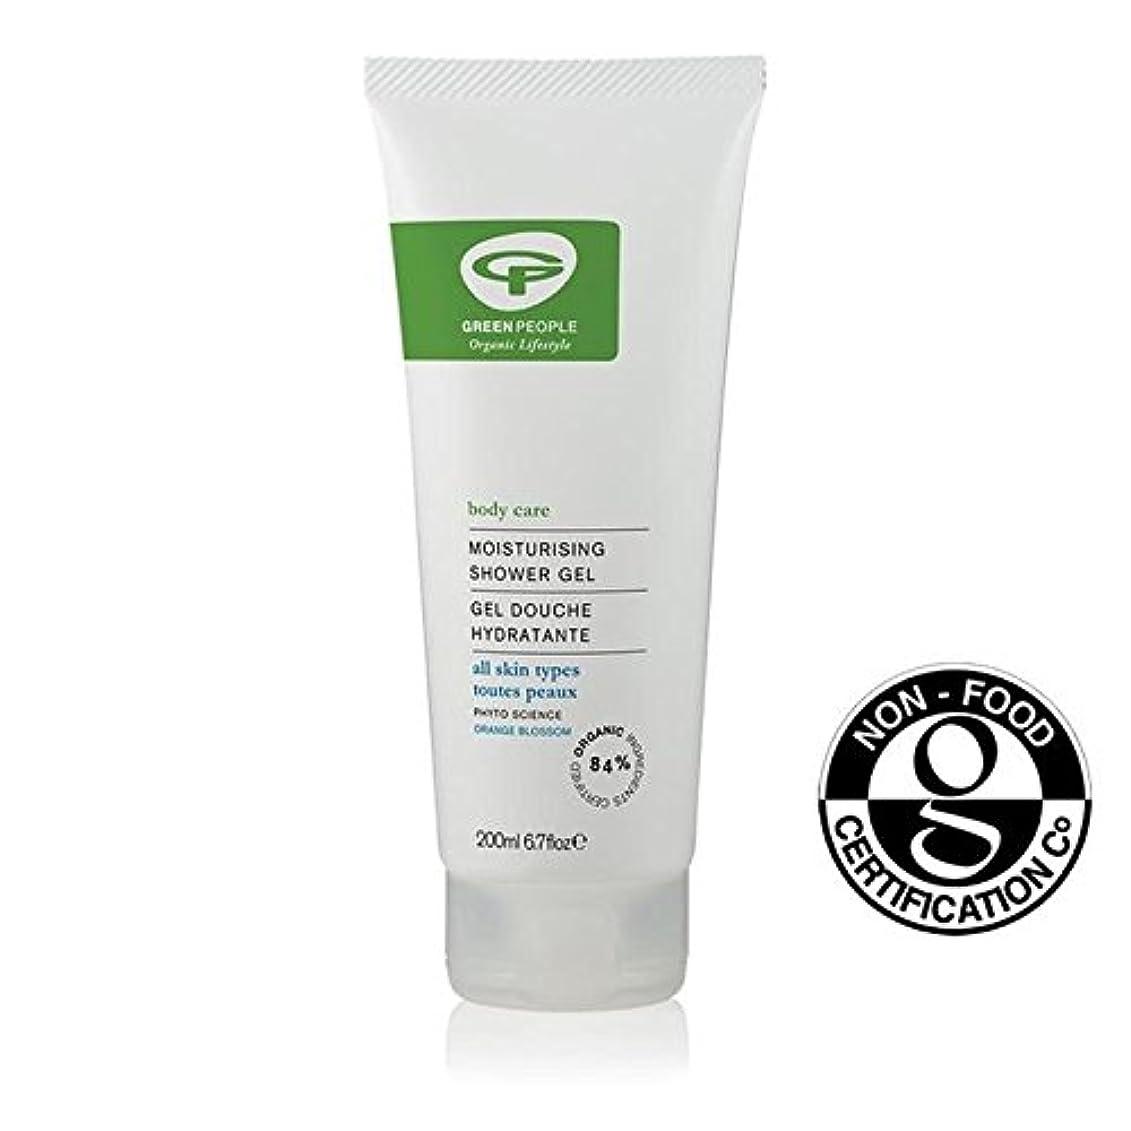 弱い国民スノーケル緑の人々の有機保湿シャワージェル200 x2 - Green People Organic Moisturising Shower Gel 200ml (Pack of 2) [並行輸入品]